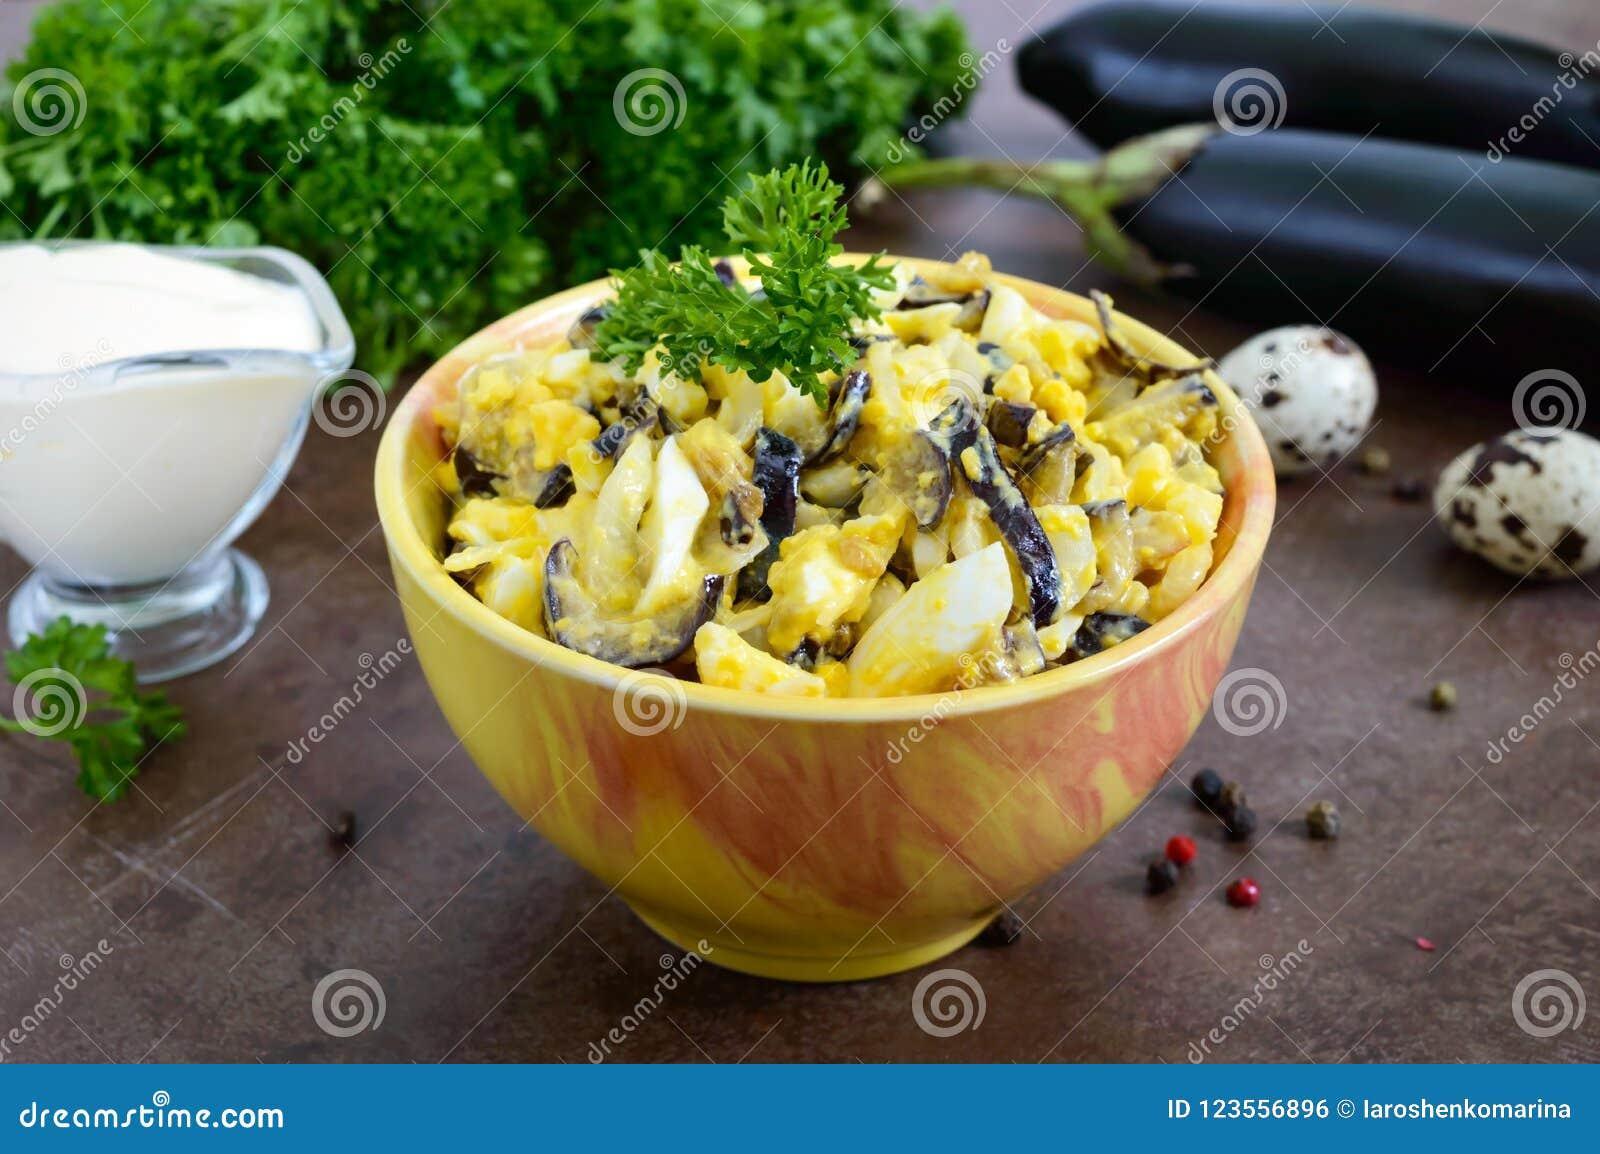 Ensalada picante de la berenjena frita, huevo hervido, cebollas adobadas